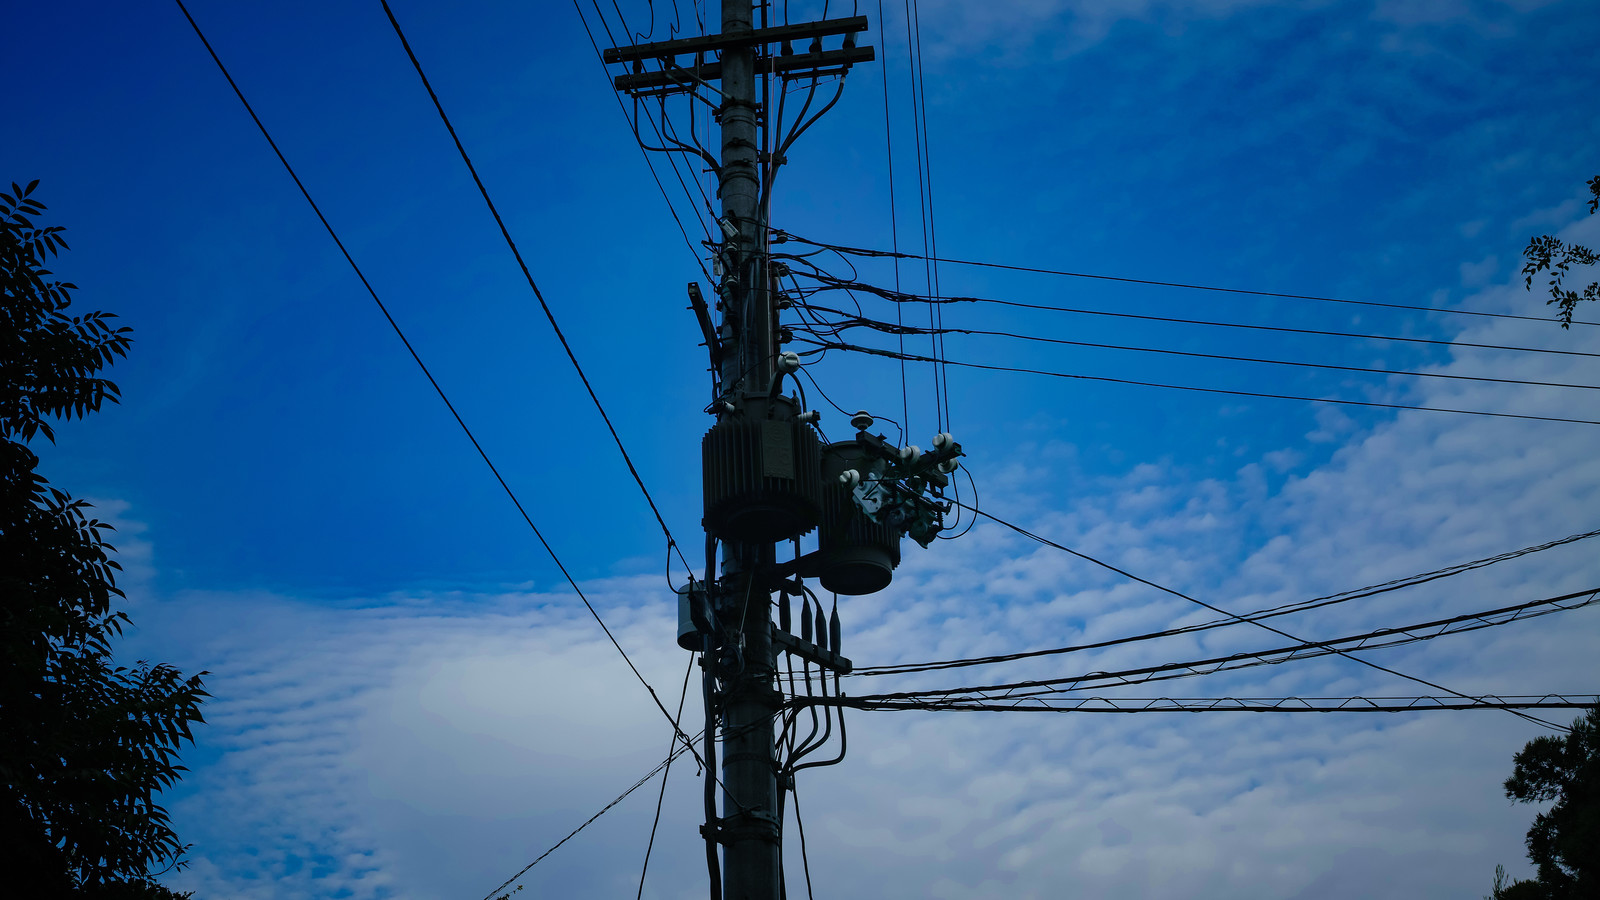 「青空と電柱上部に設置された柱上変圧器」の写真